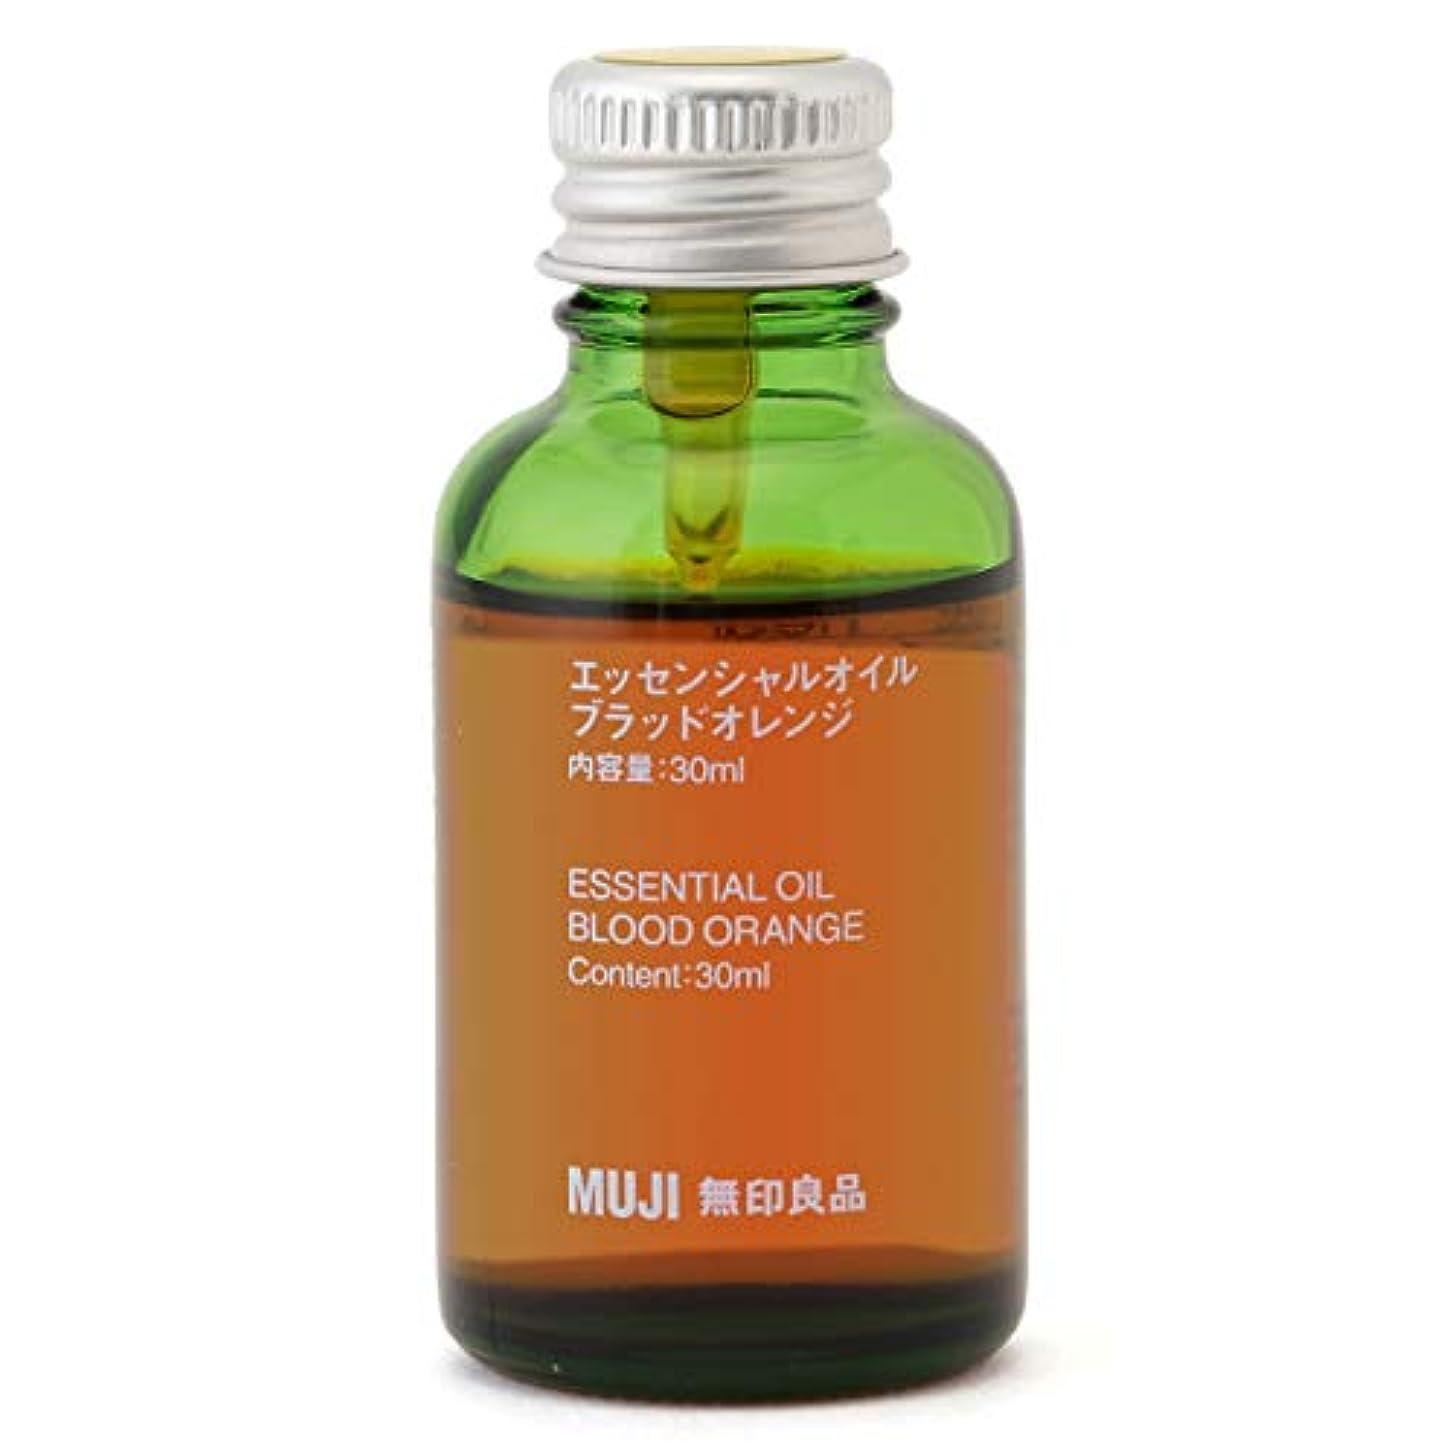 無条件噴火ペスト【無印良品】エッセンシャルオイル30ml(ブラッドオレンジ)